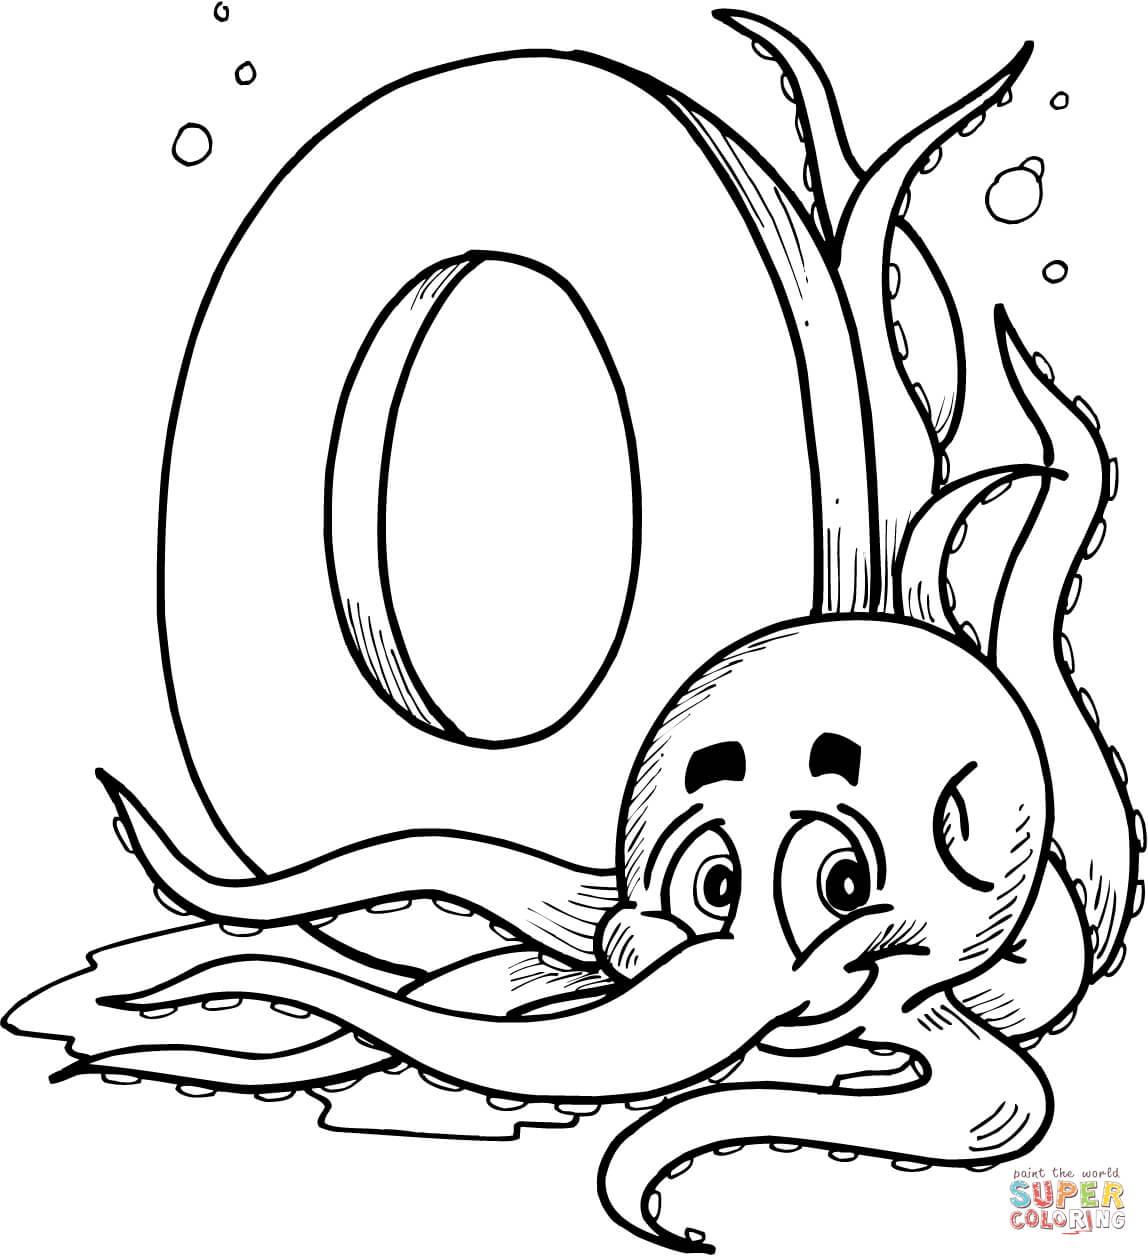 oktopus  tintenfisch ausmalbilder  malvorlagen  100